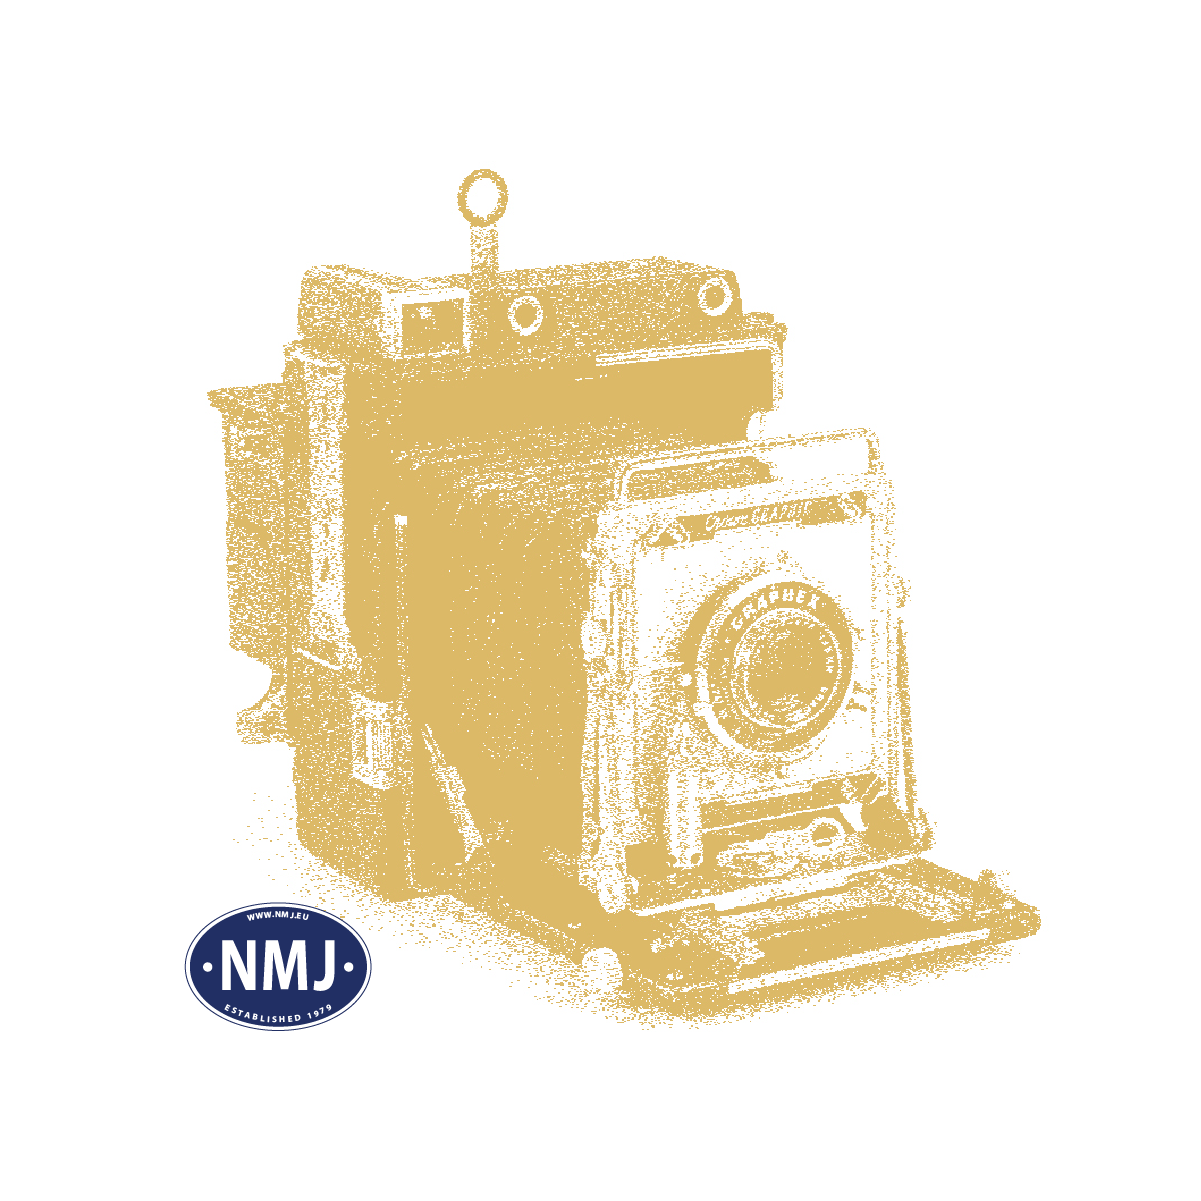 MDS98006 - Redskapsskur, Ferdigmodell